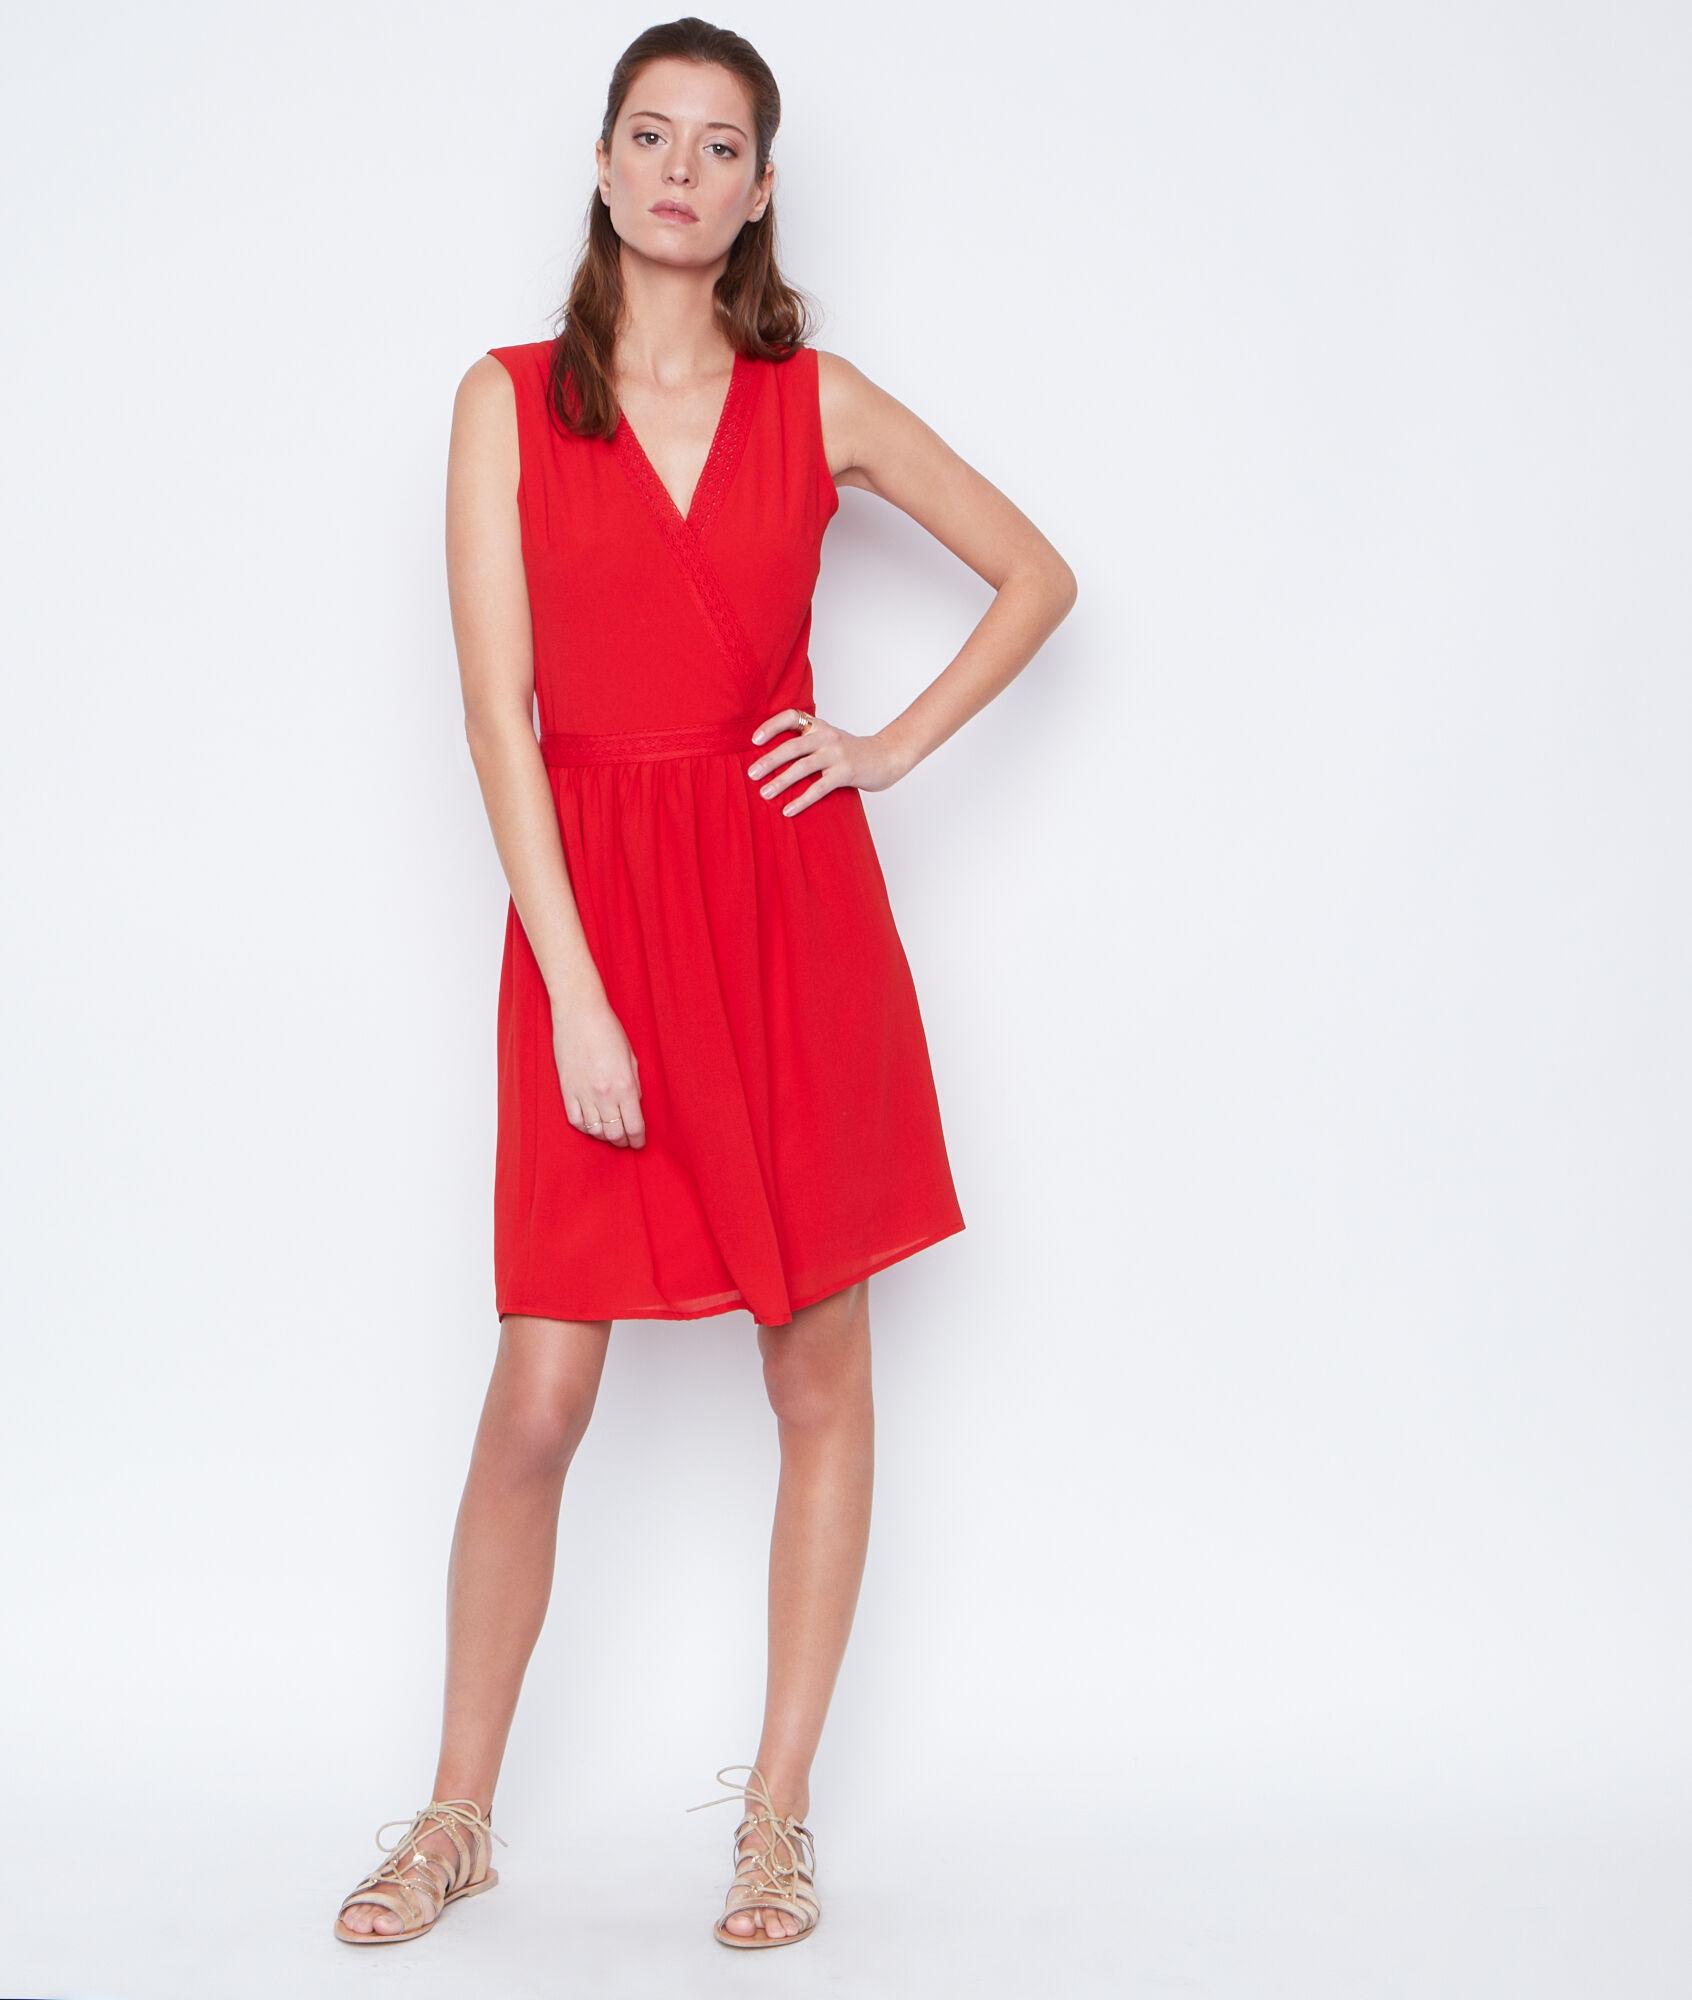 Robe en dentelle rouge etam